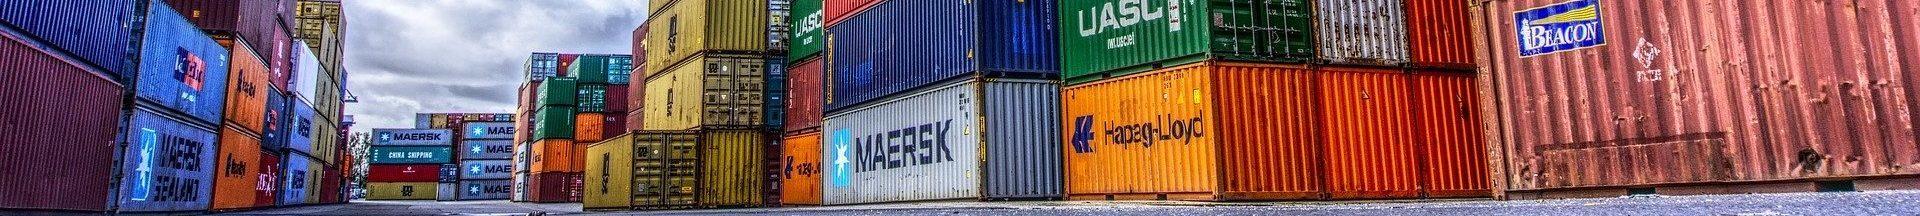 container 3118783 1920 II e1574096656993